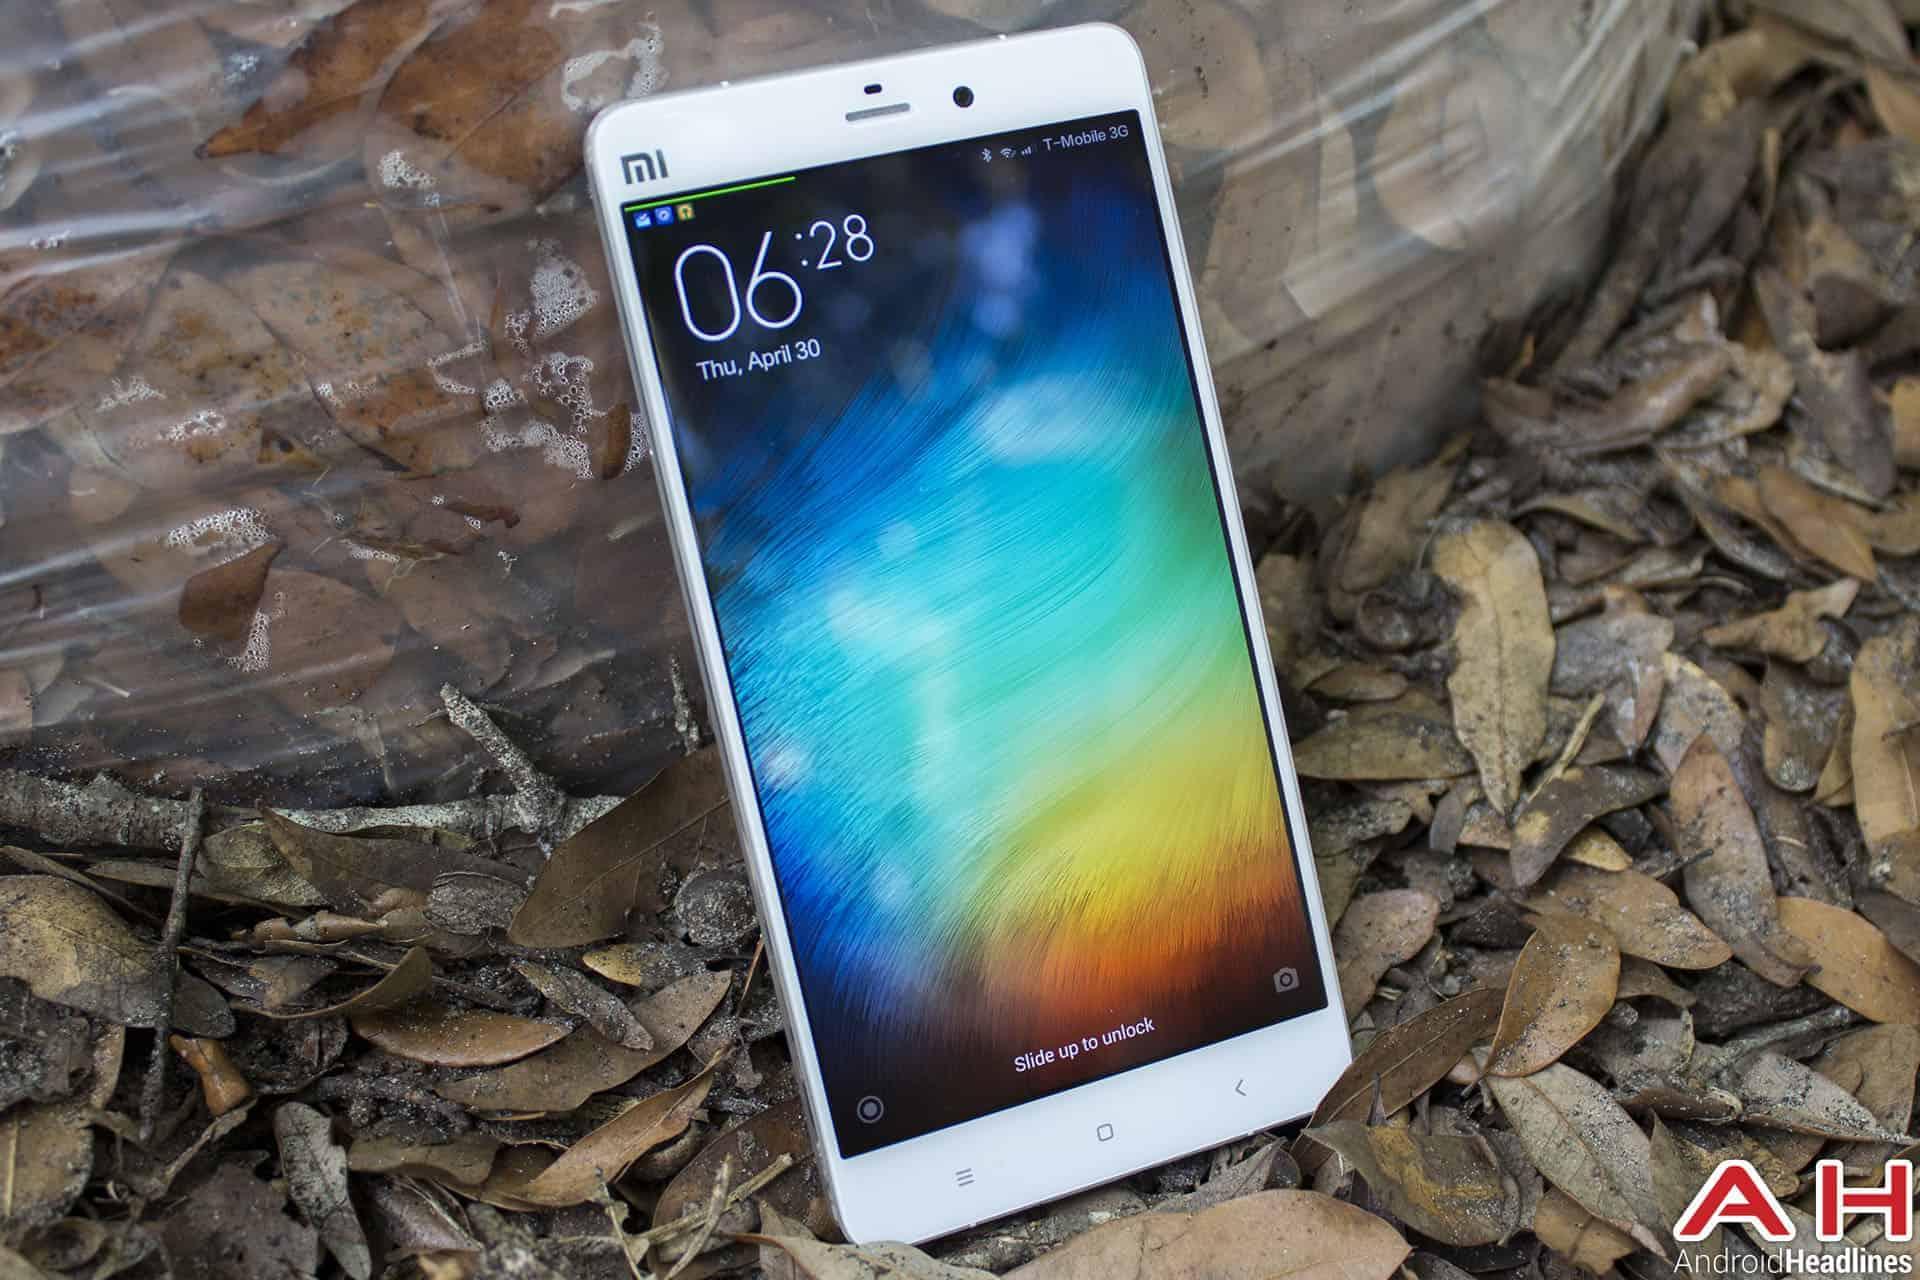 Xiaomi-Mi-Note-Bamboo-display